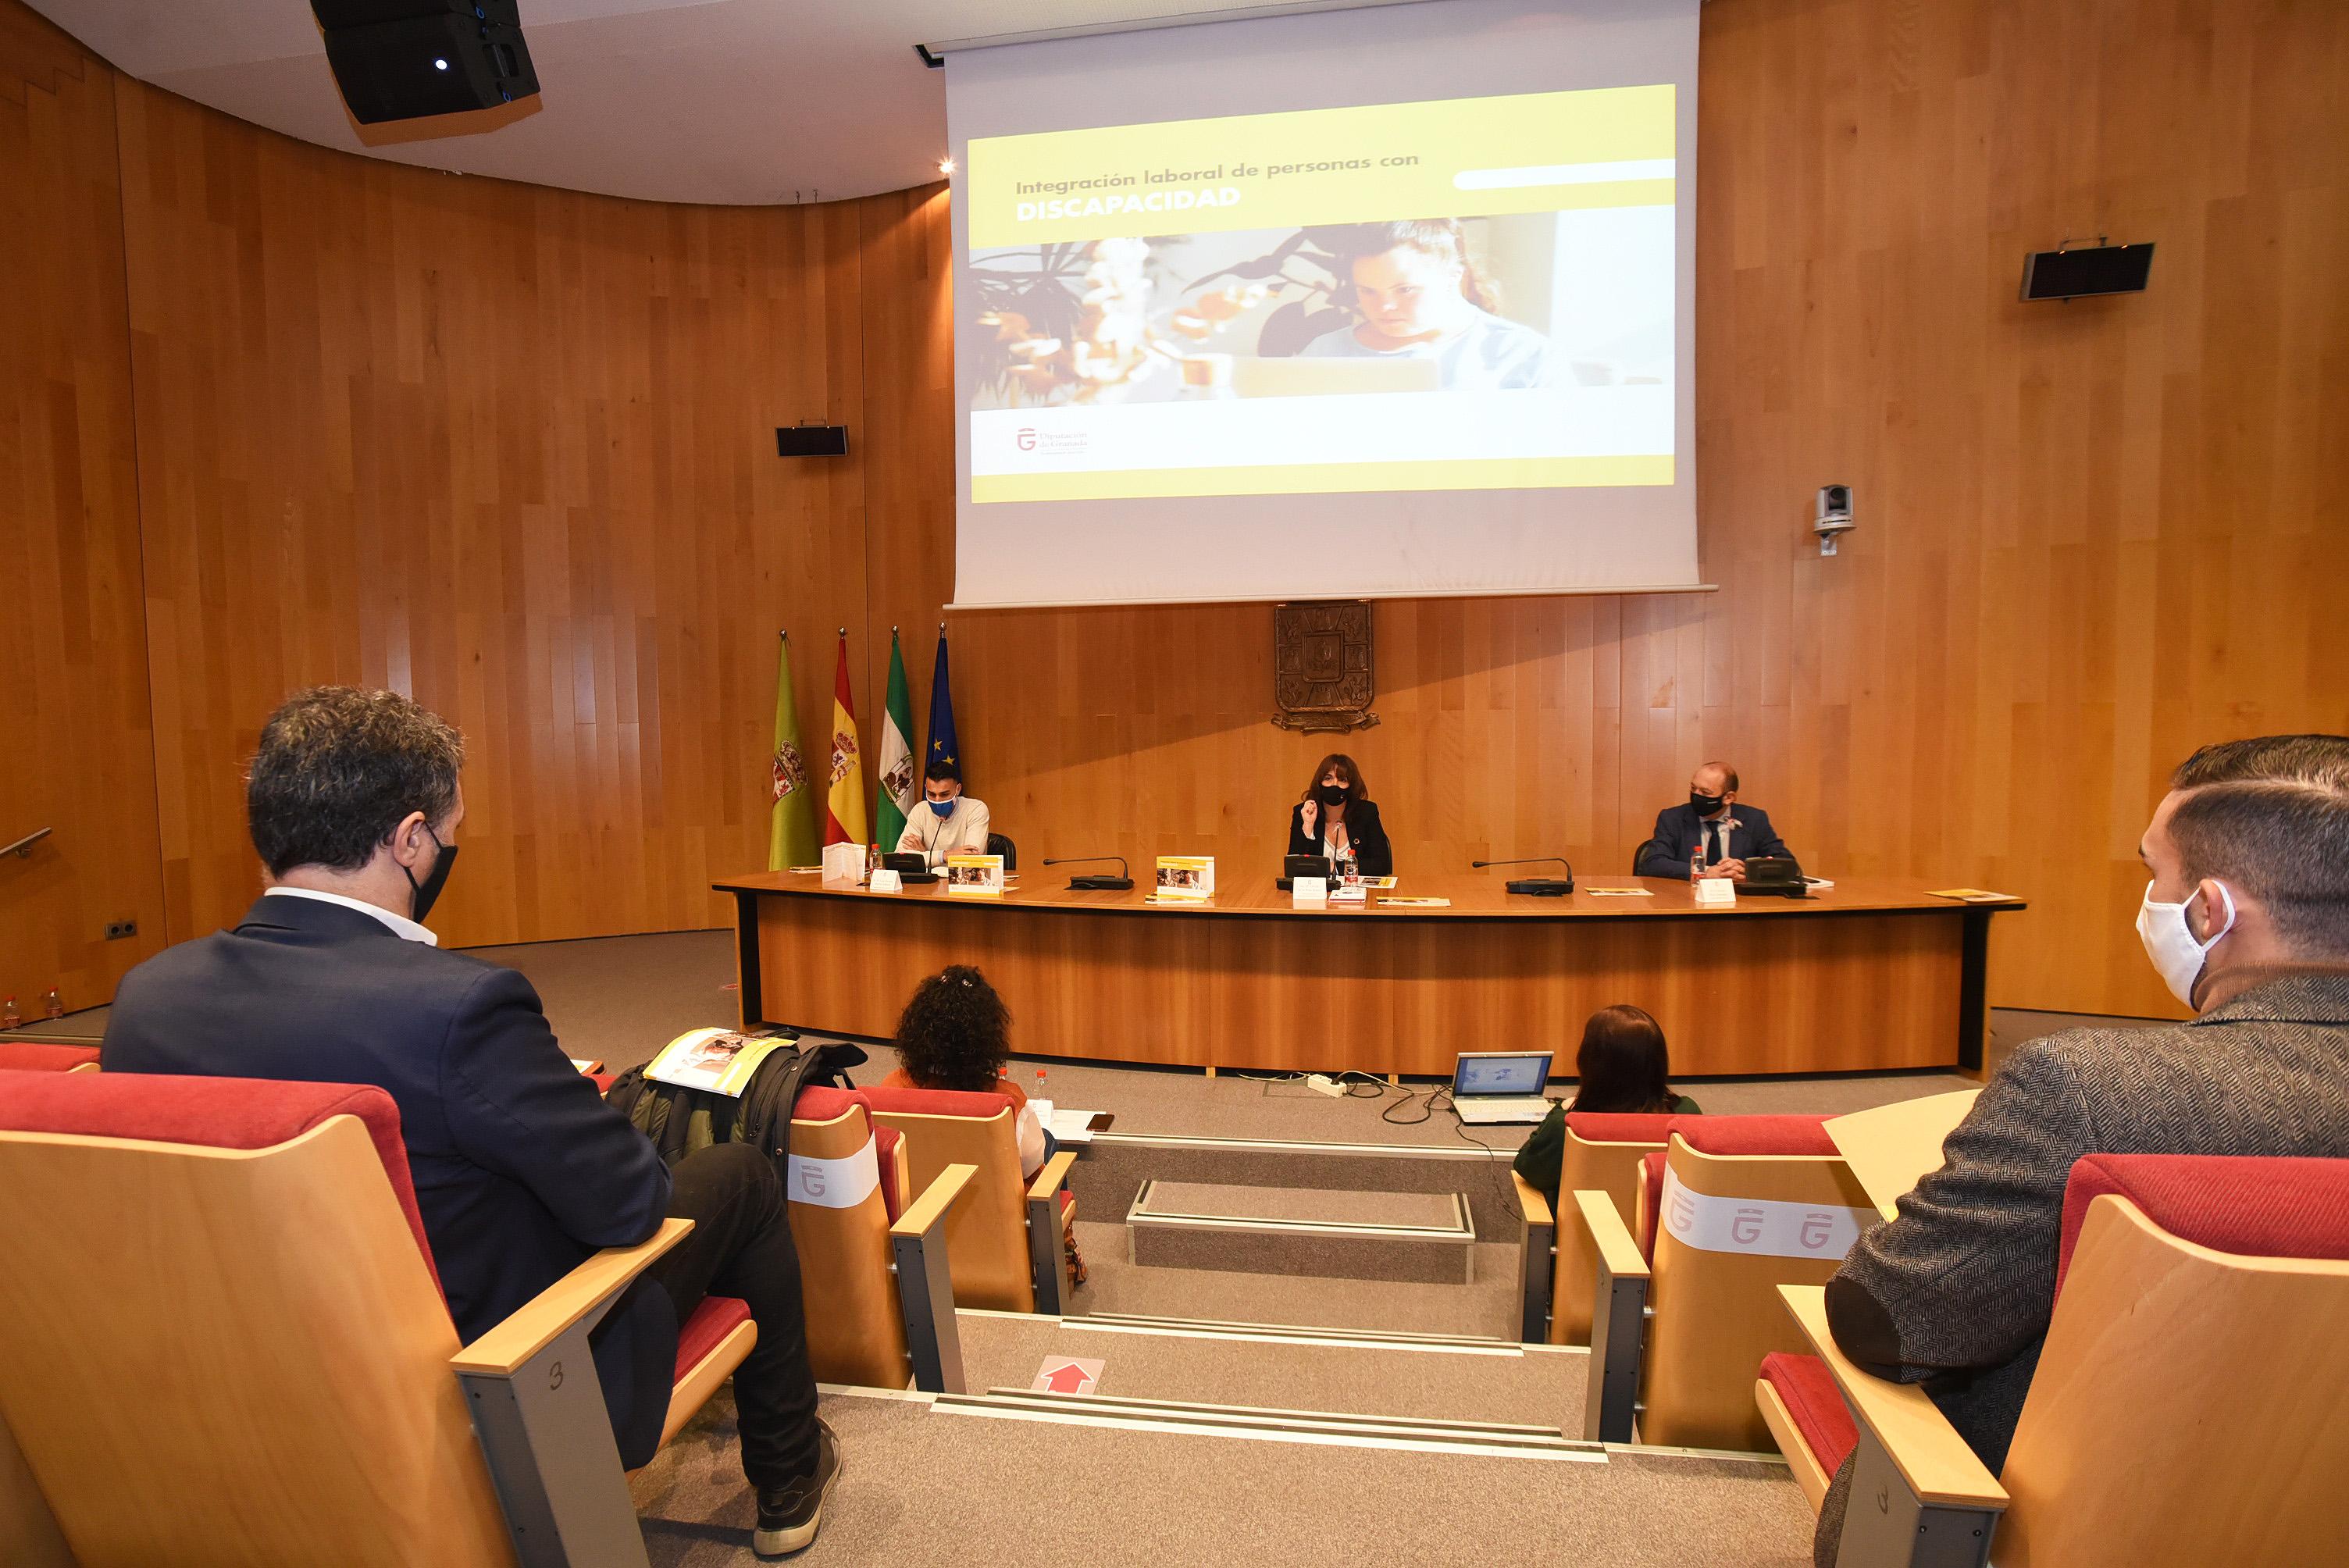 Diputación elabora una guía para que facilitar la integración laboral de las personas con discapacidad